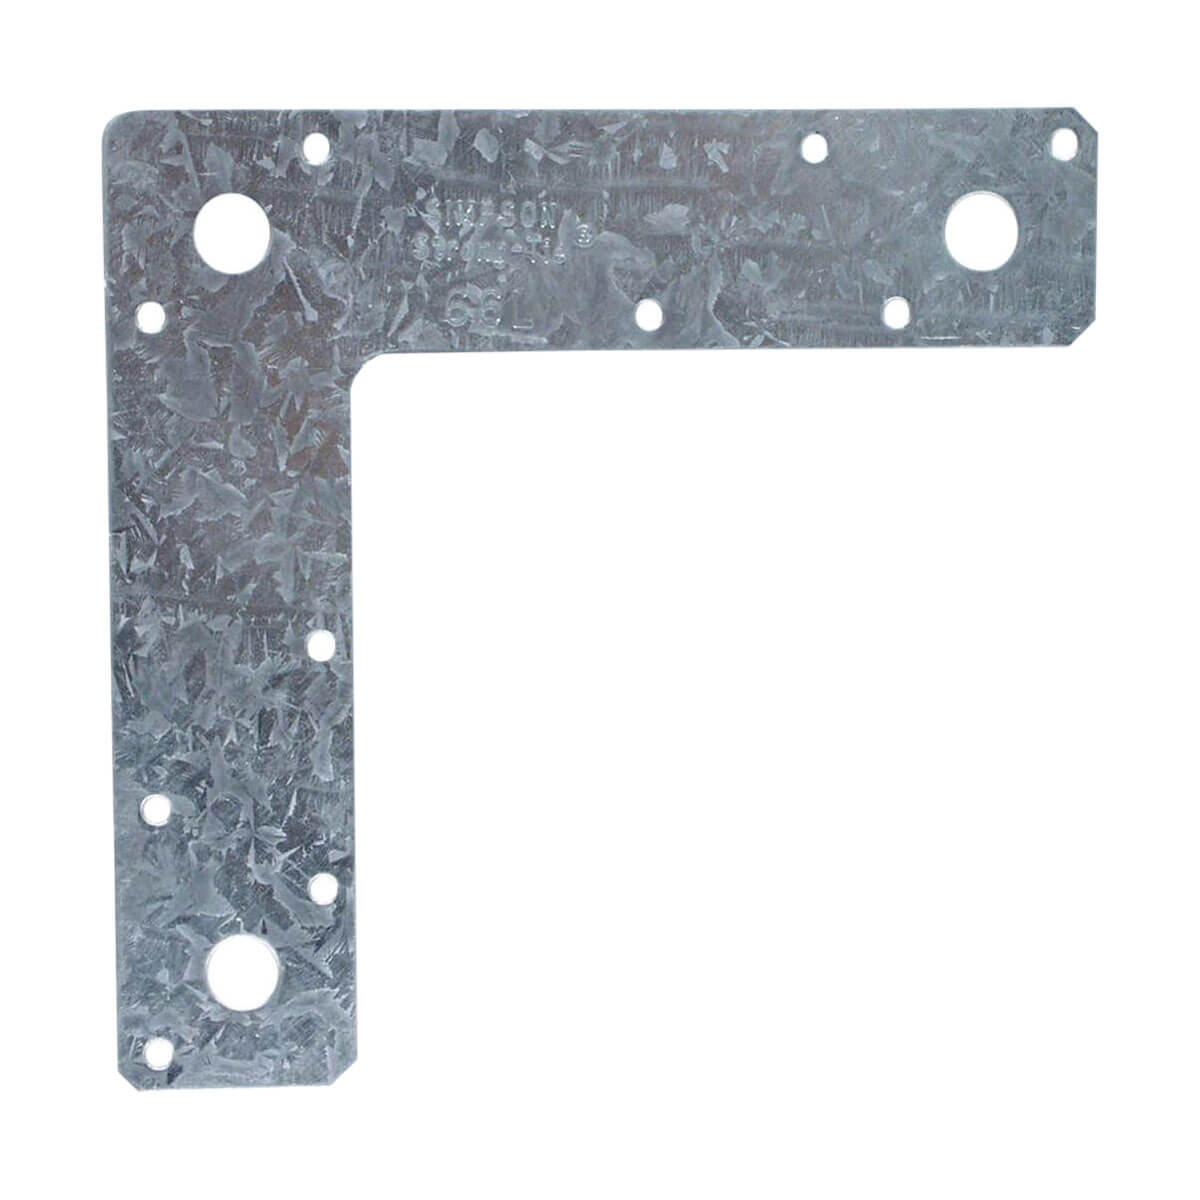 L Strap - 14 Gauge - 6-in x 6-in